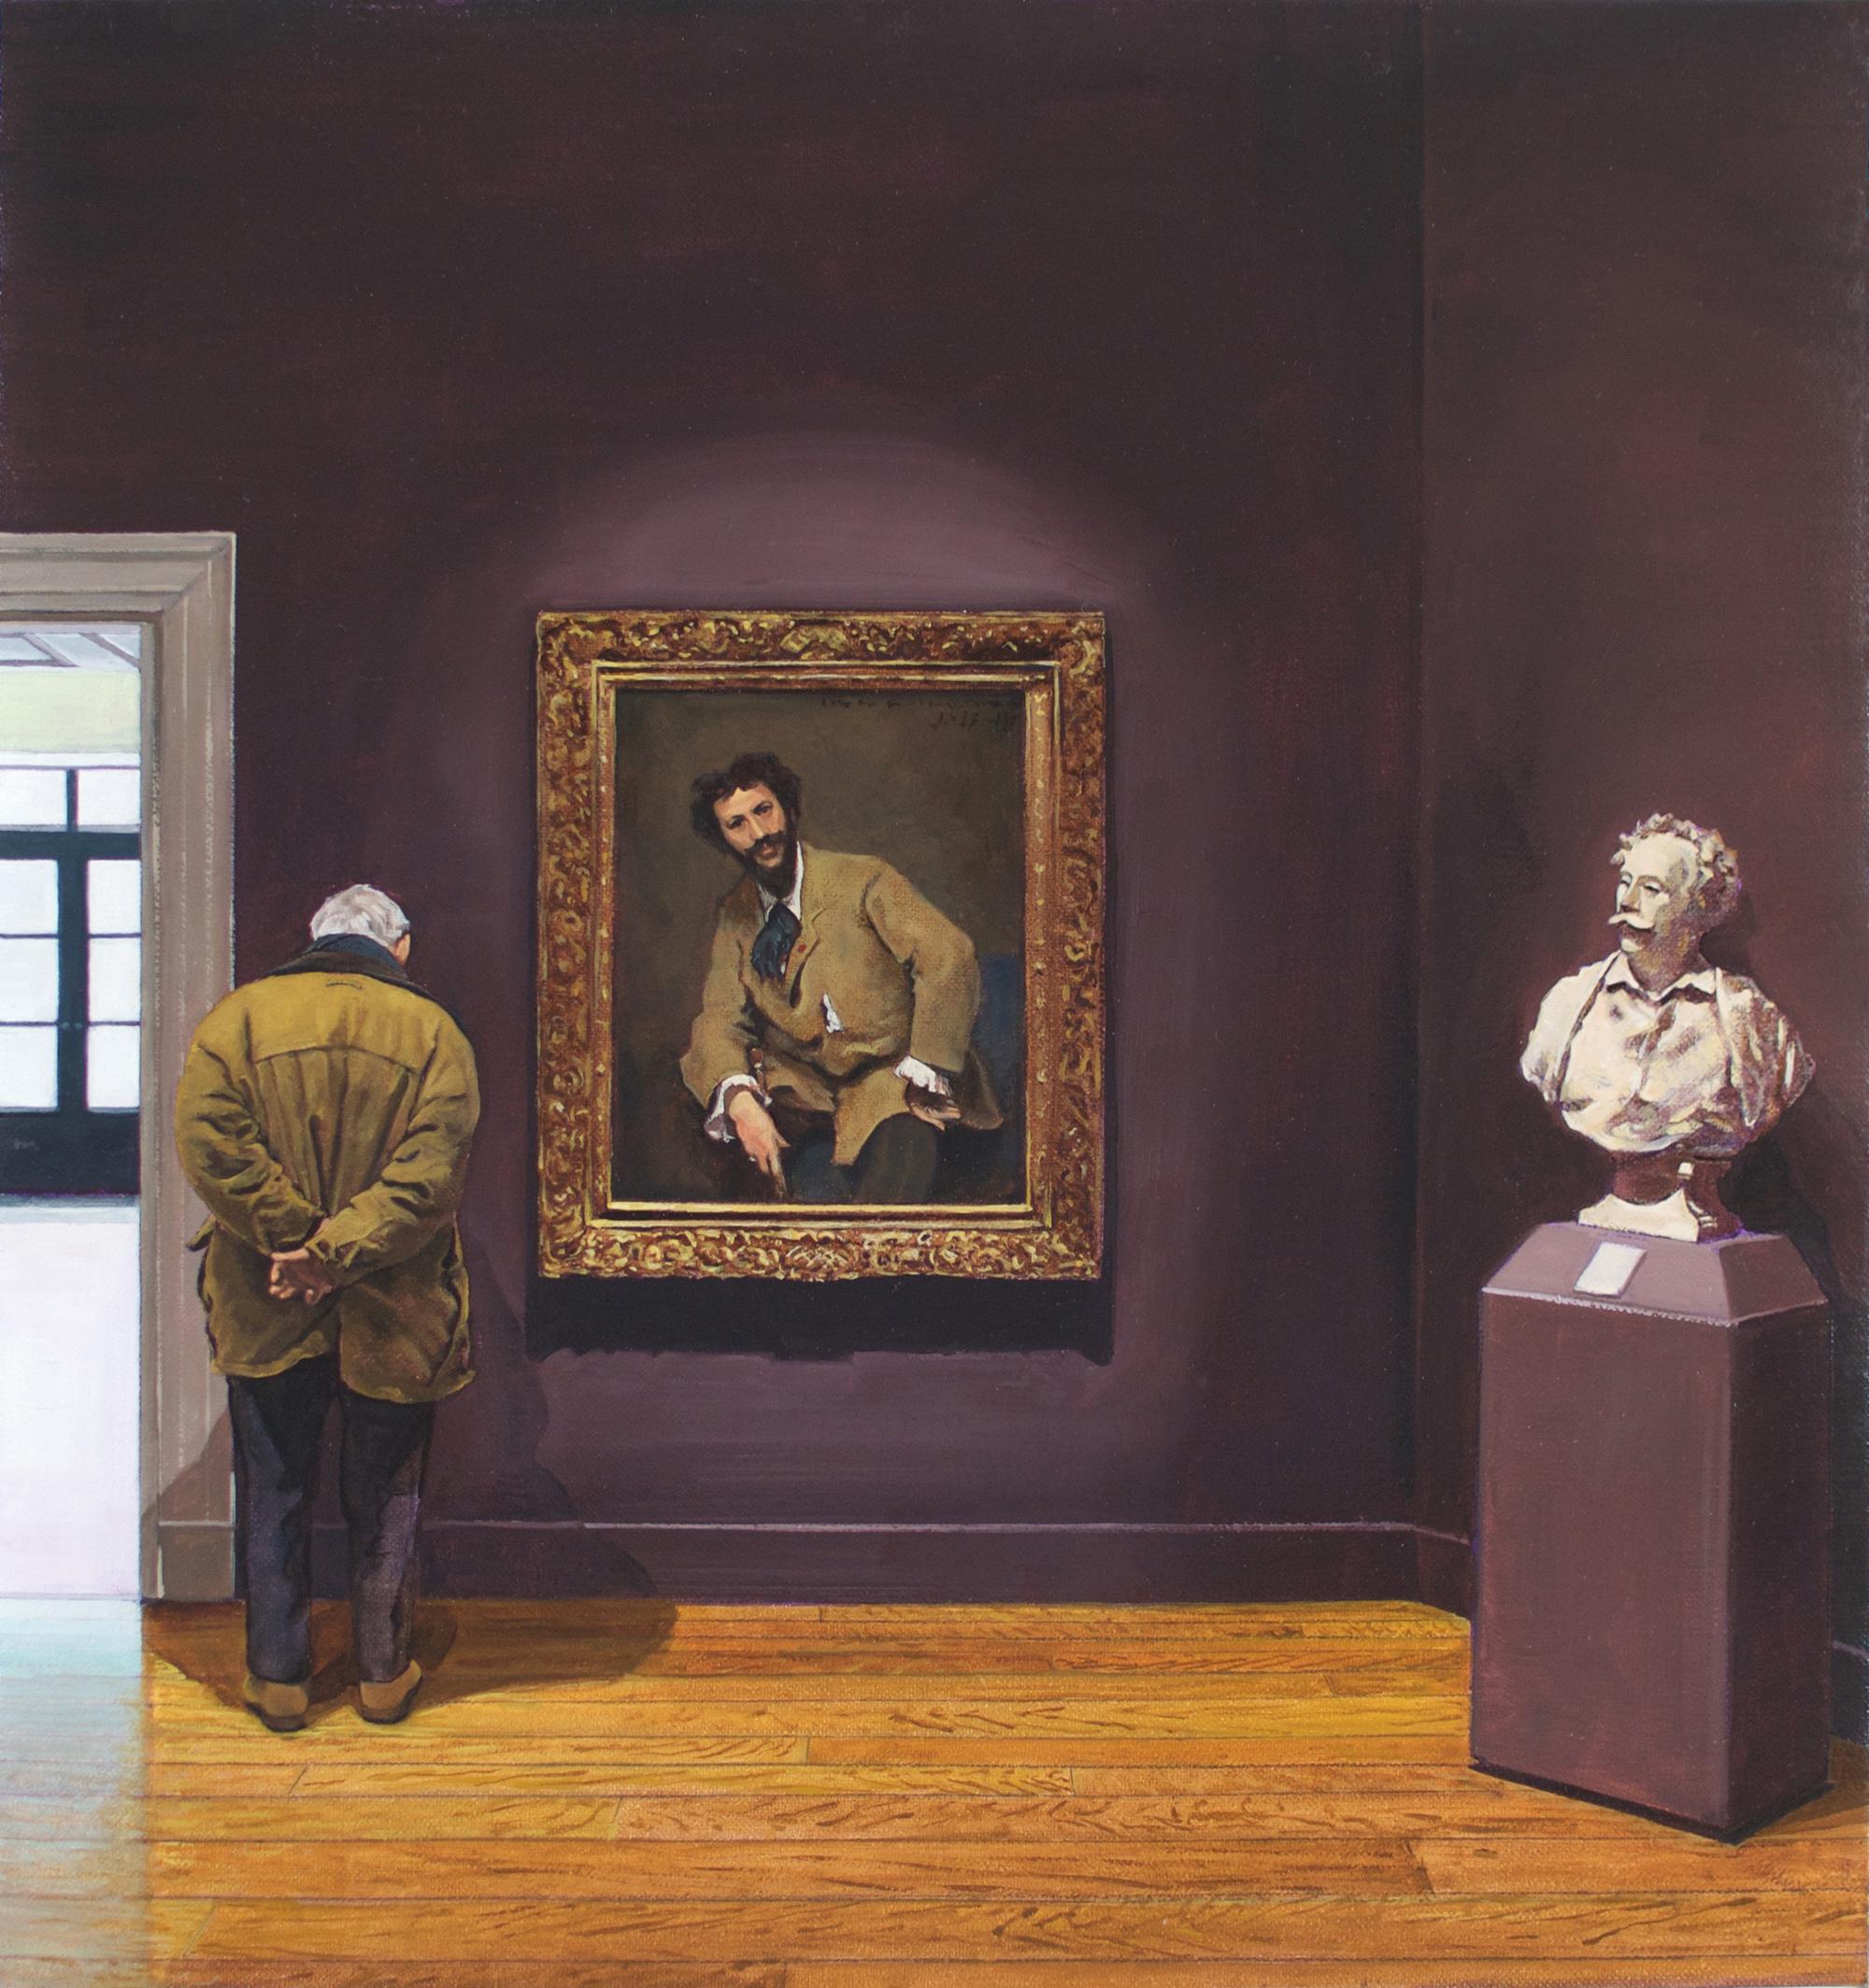 Pal, Sargent, Carolus-Duran, Carpeaux, Alexandre Dumas / The Clark